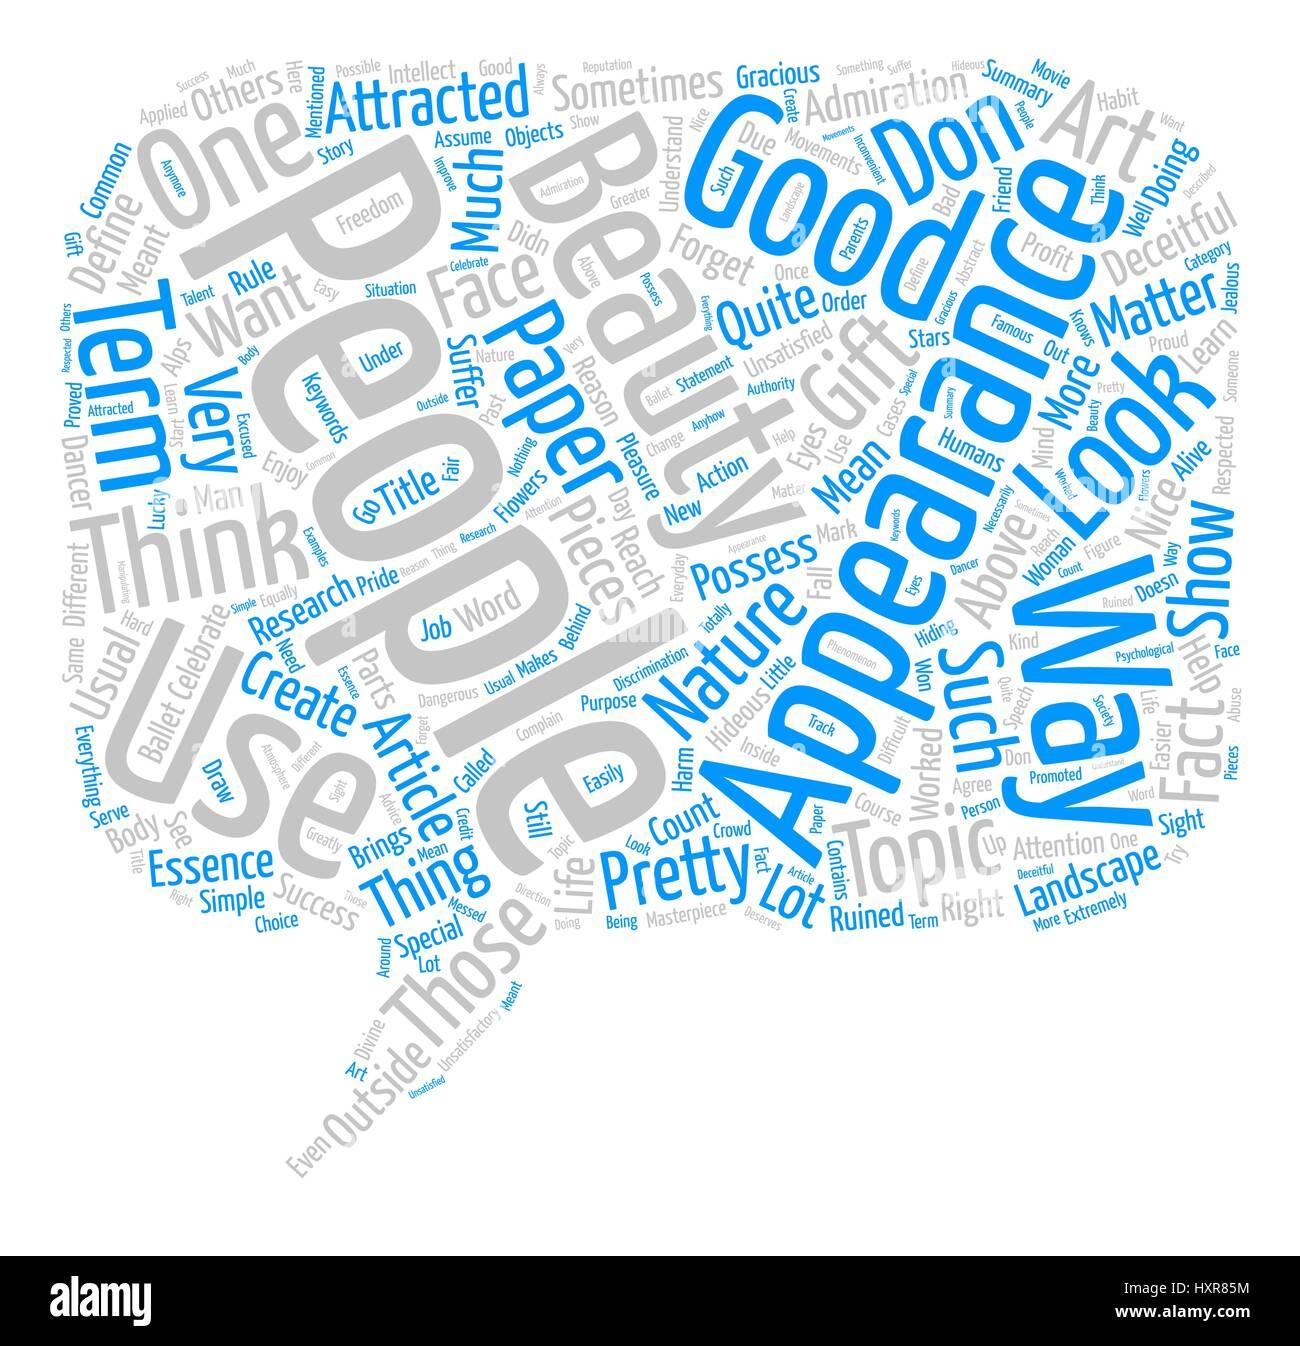 Las apariencias son engañosas palabra nube concepto fondo de texto Imagen De Stock